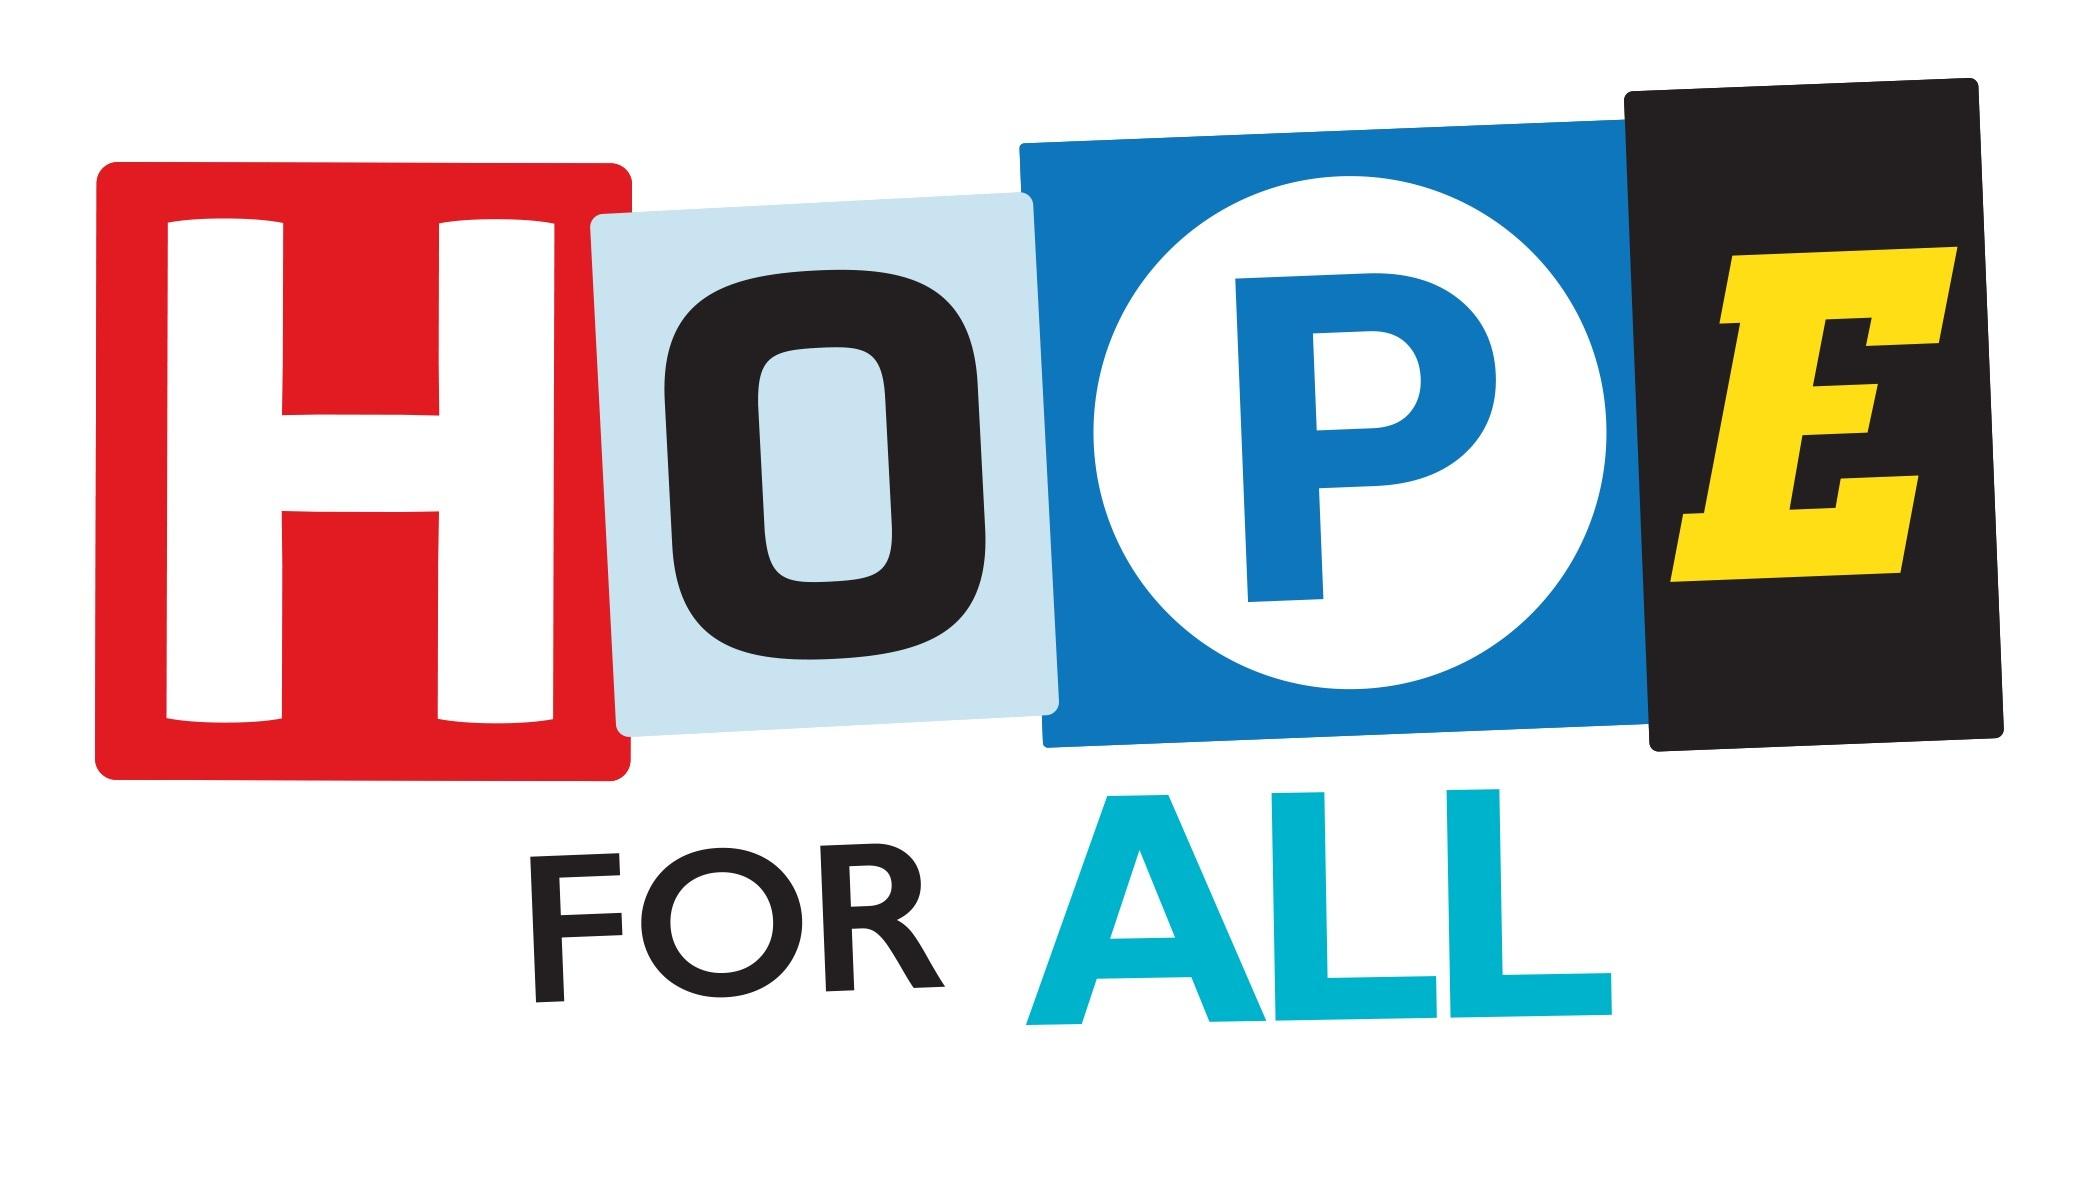 Hope for all logo